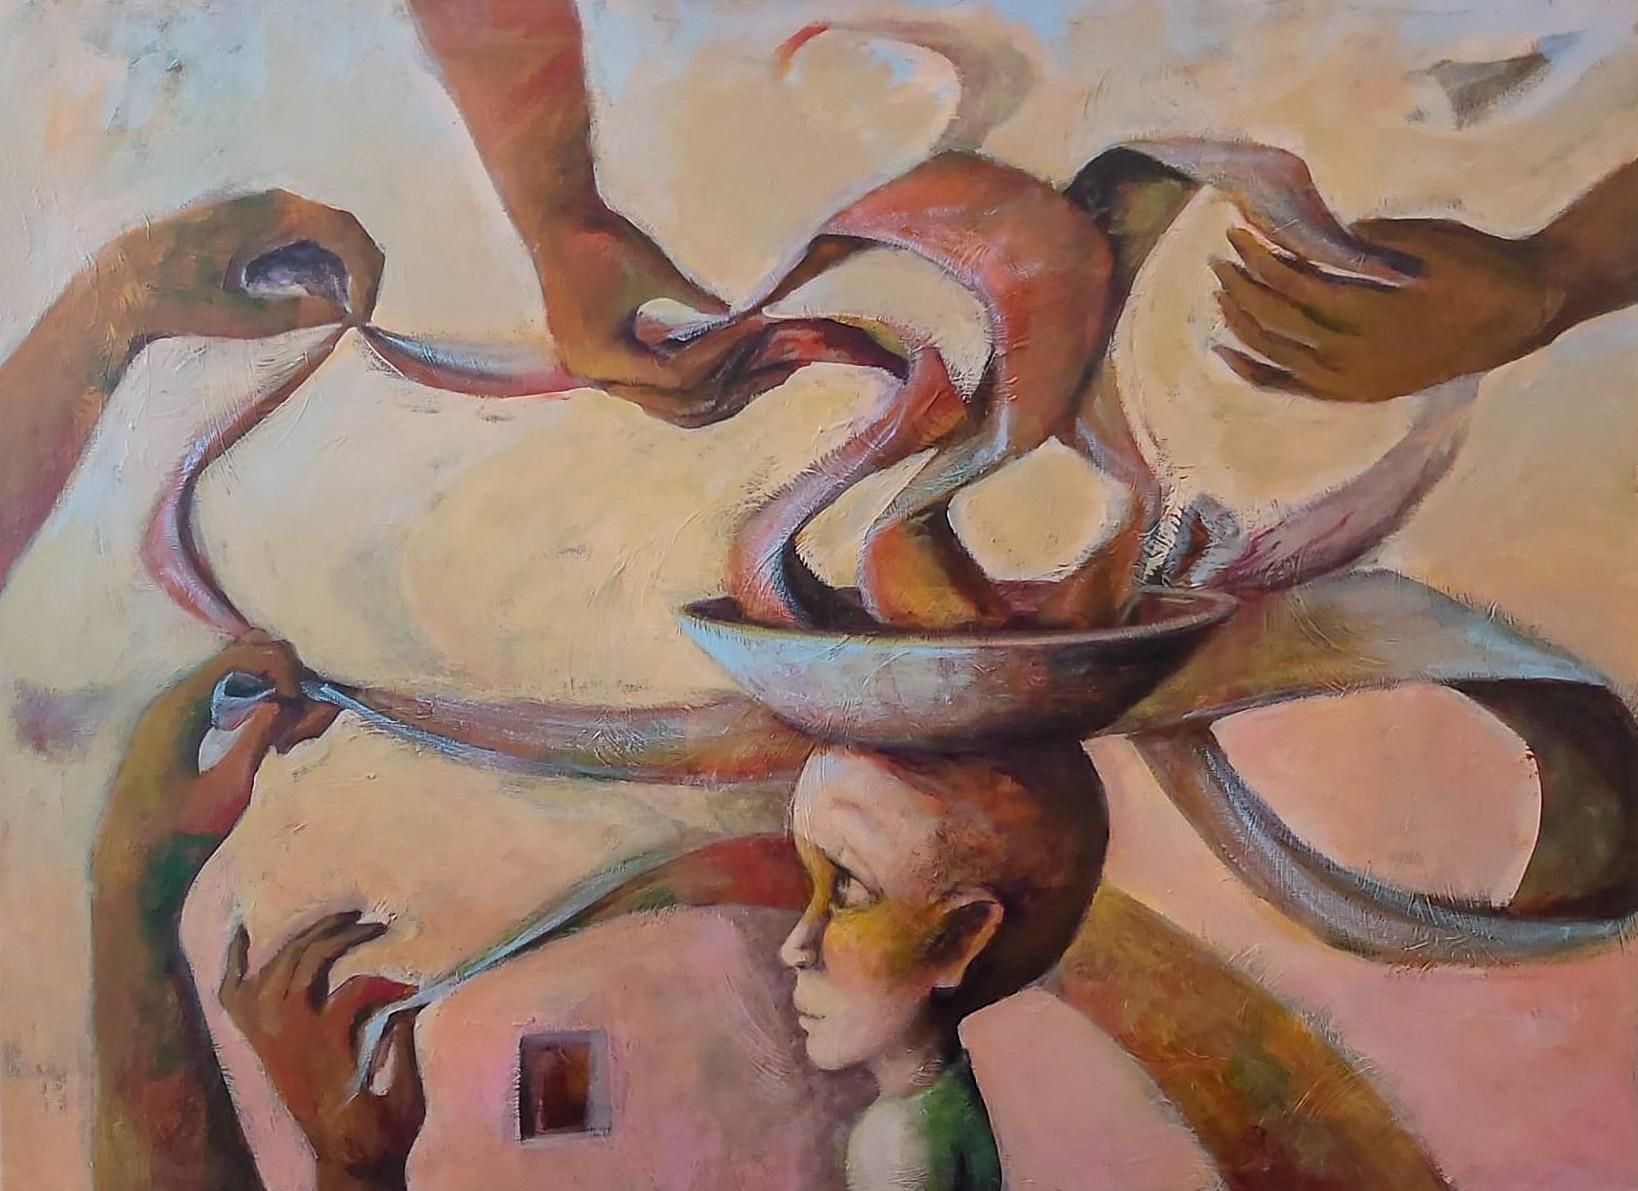 La consagrada artista Luzia Lage pintó la Educación